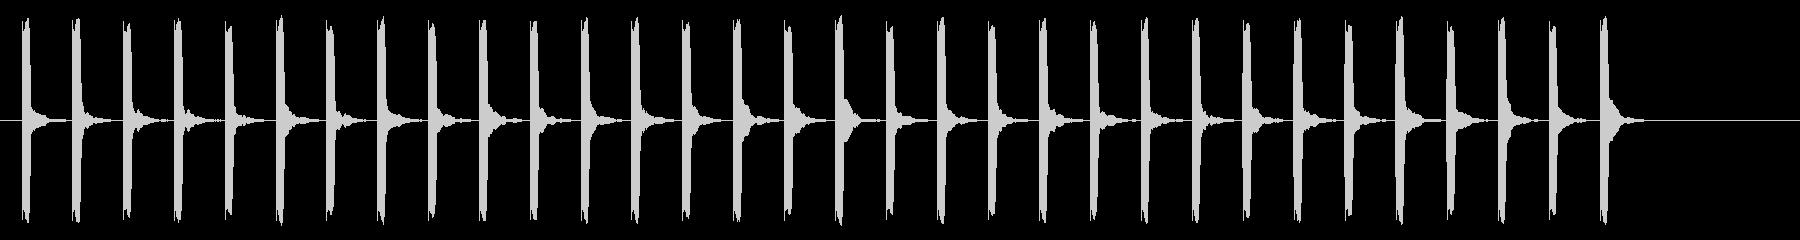 心電図の音-5-10(BPM130)の未再生の波形